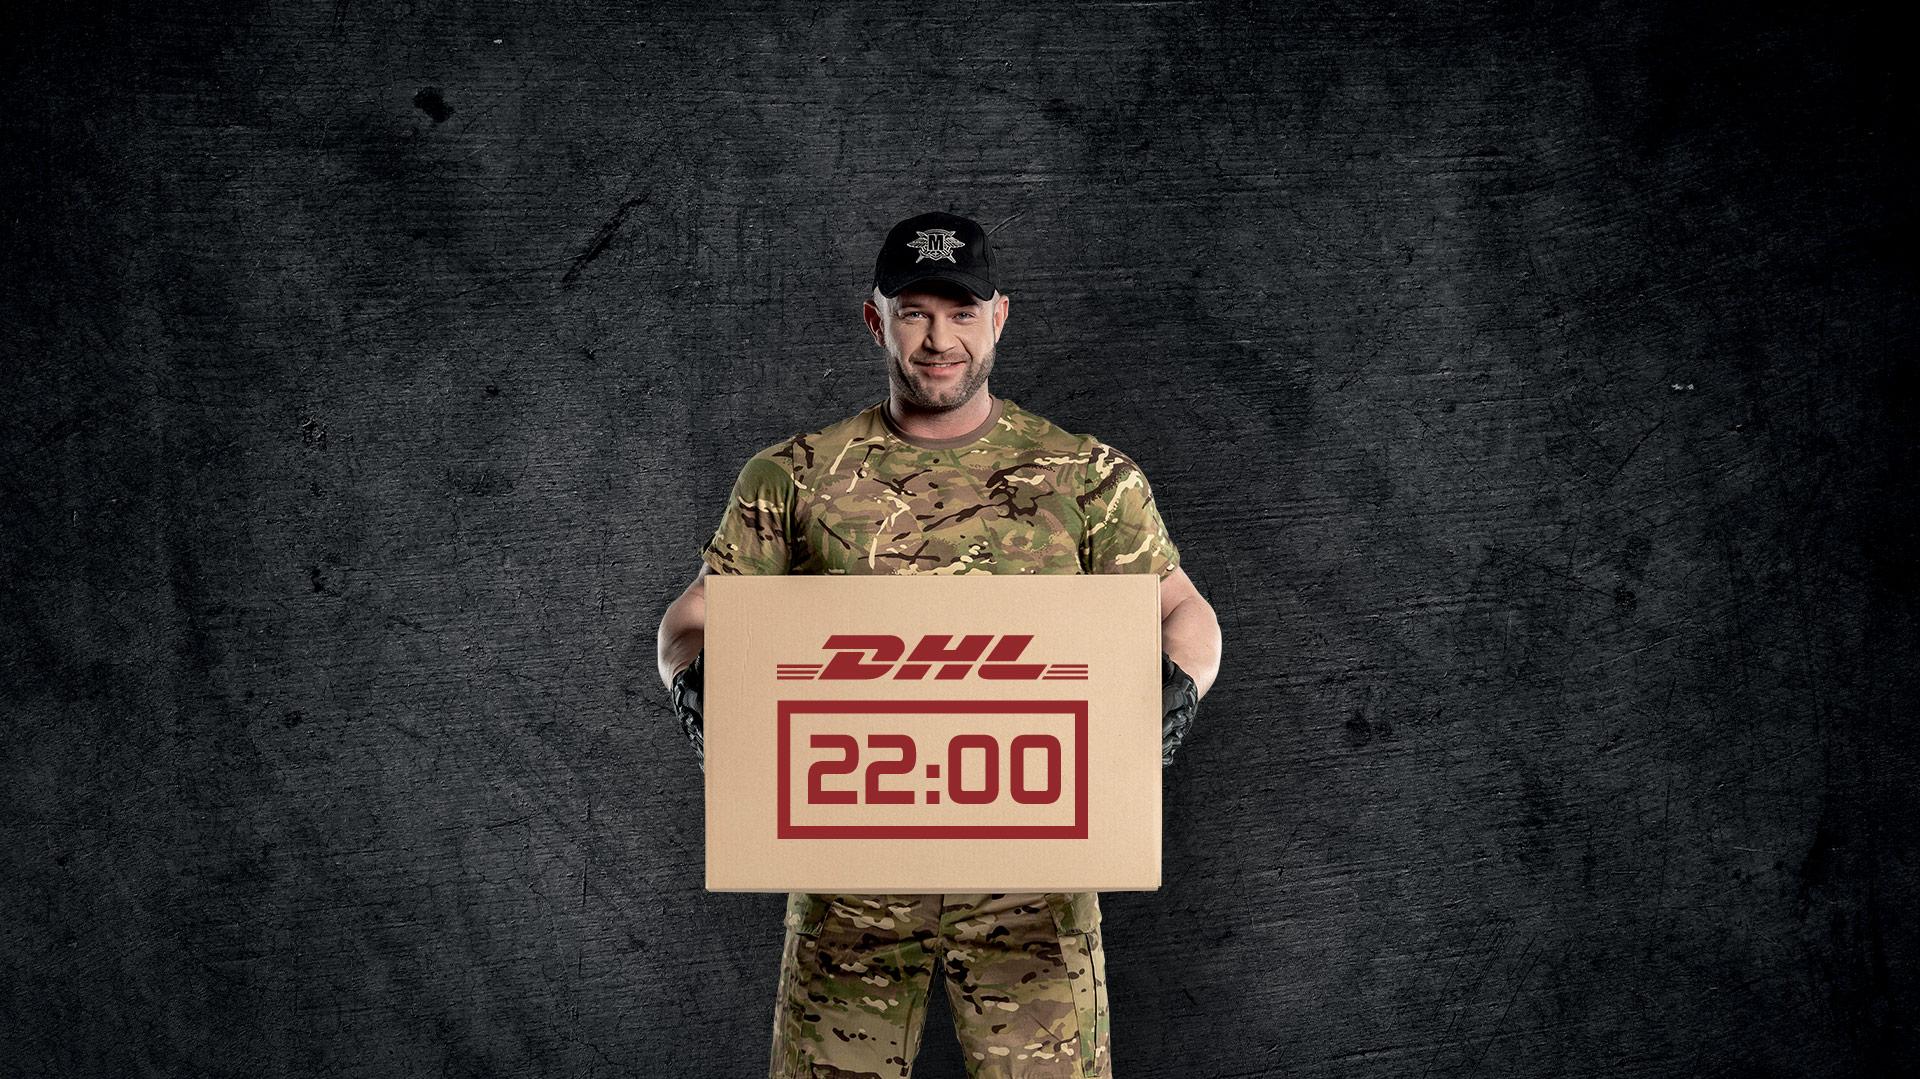 Zamów do 22:00 – dostarczymy zakupy następnego dnia!